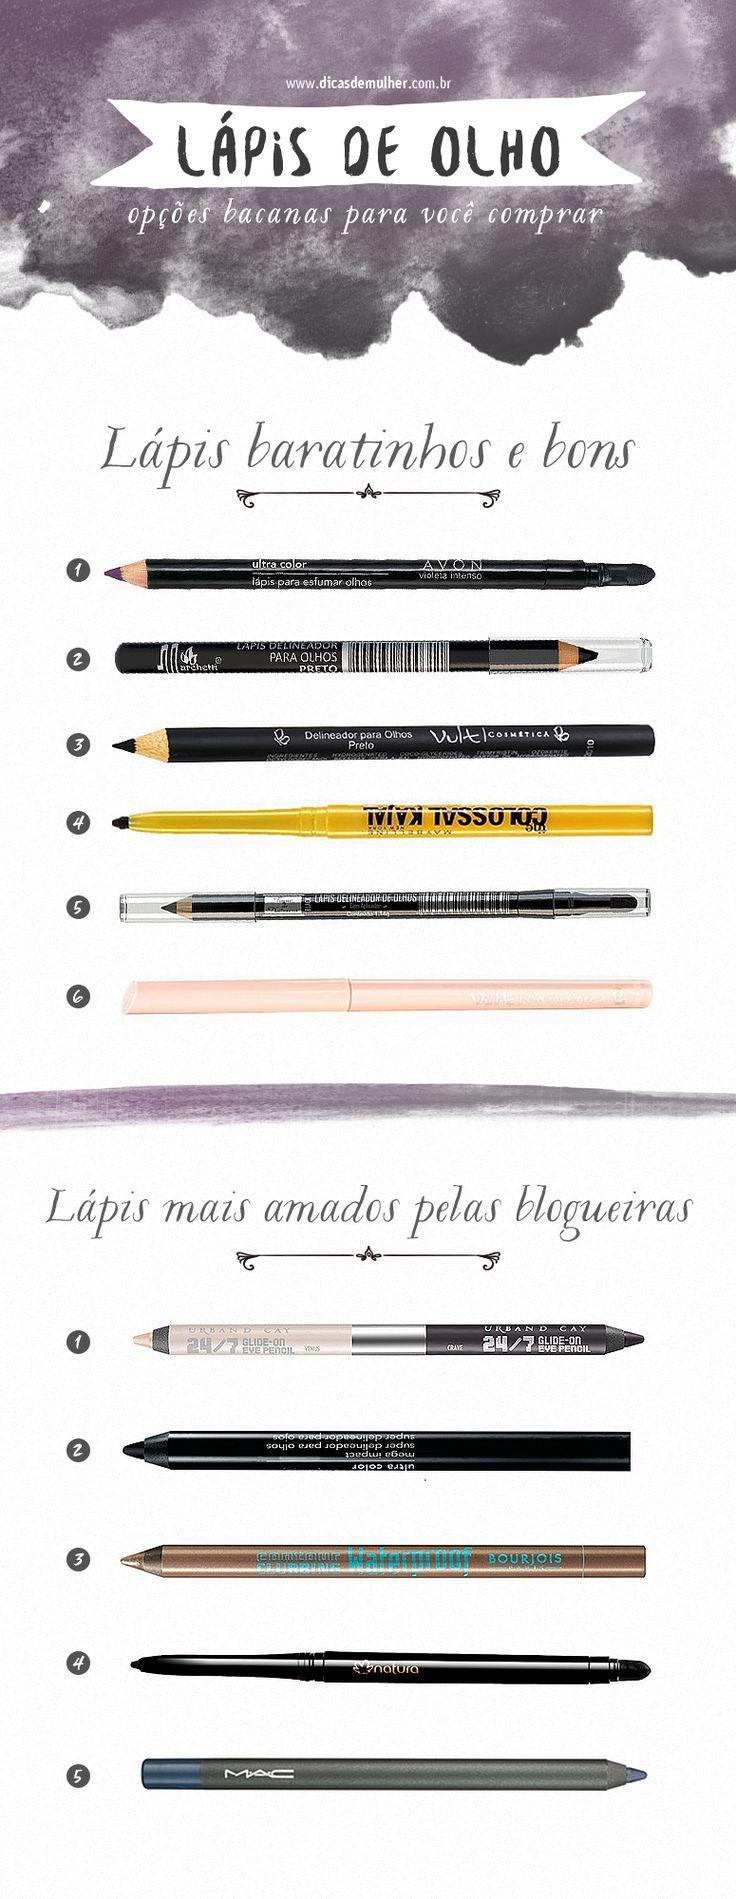 Aprenda como escolher o melhor lápis para você, a valorizar o olhar de diferentes formas e finalizar a maquiagem usando o lápis de olho.